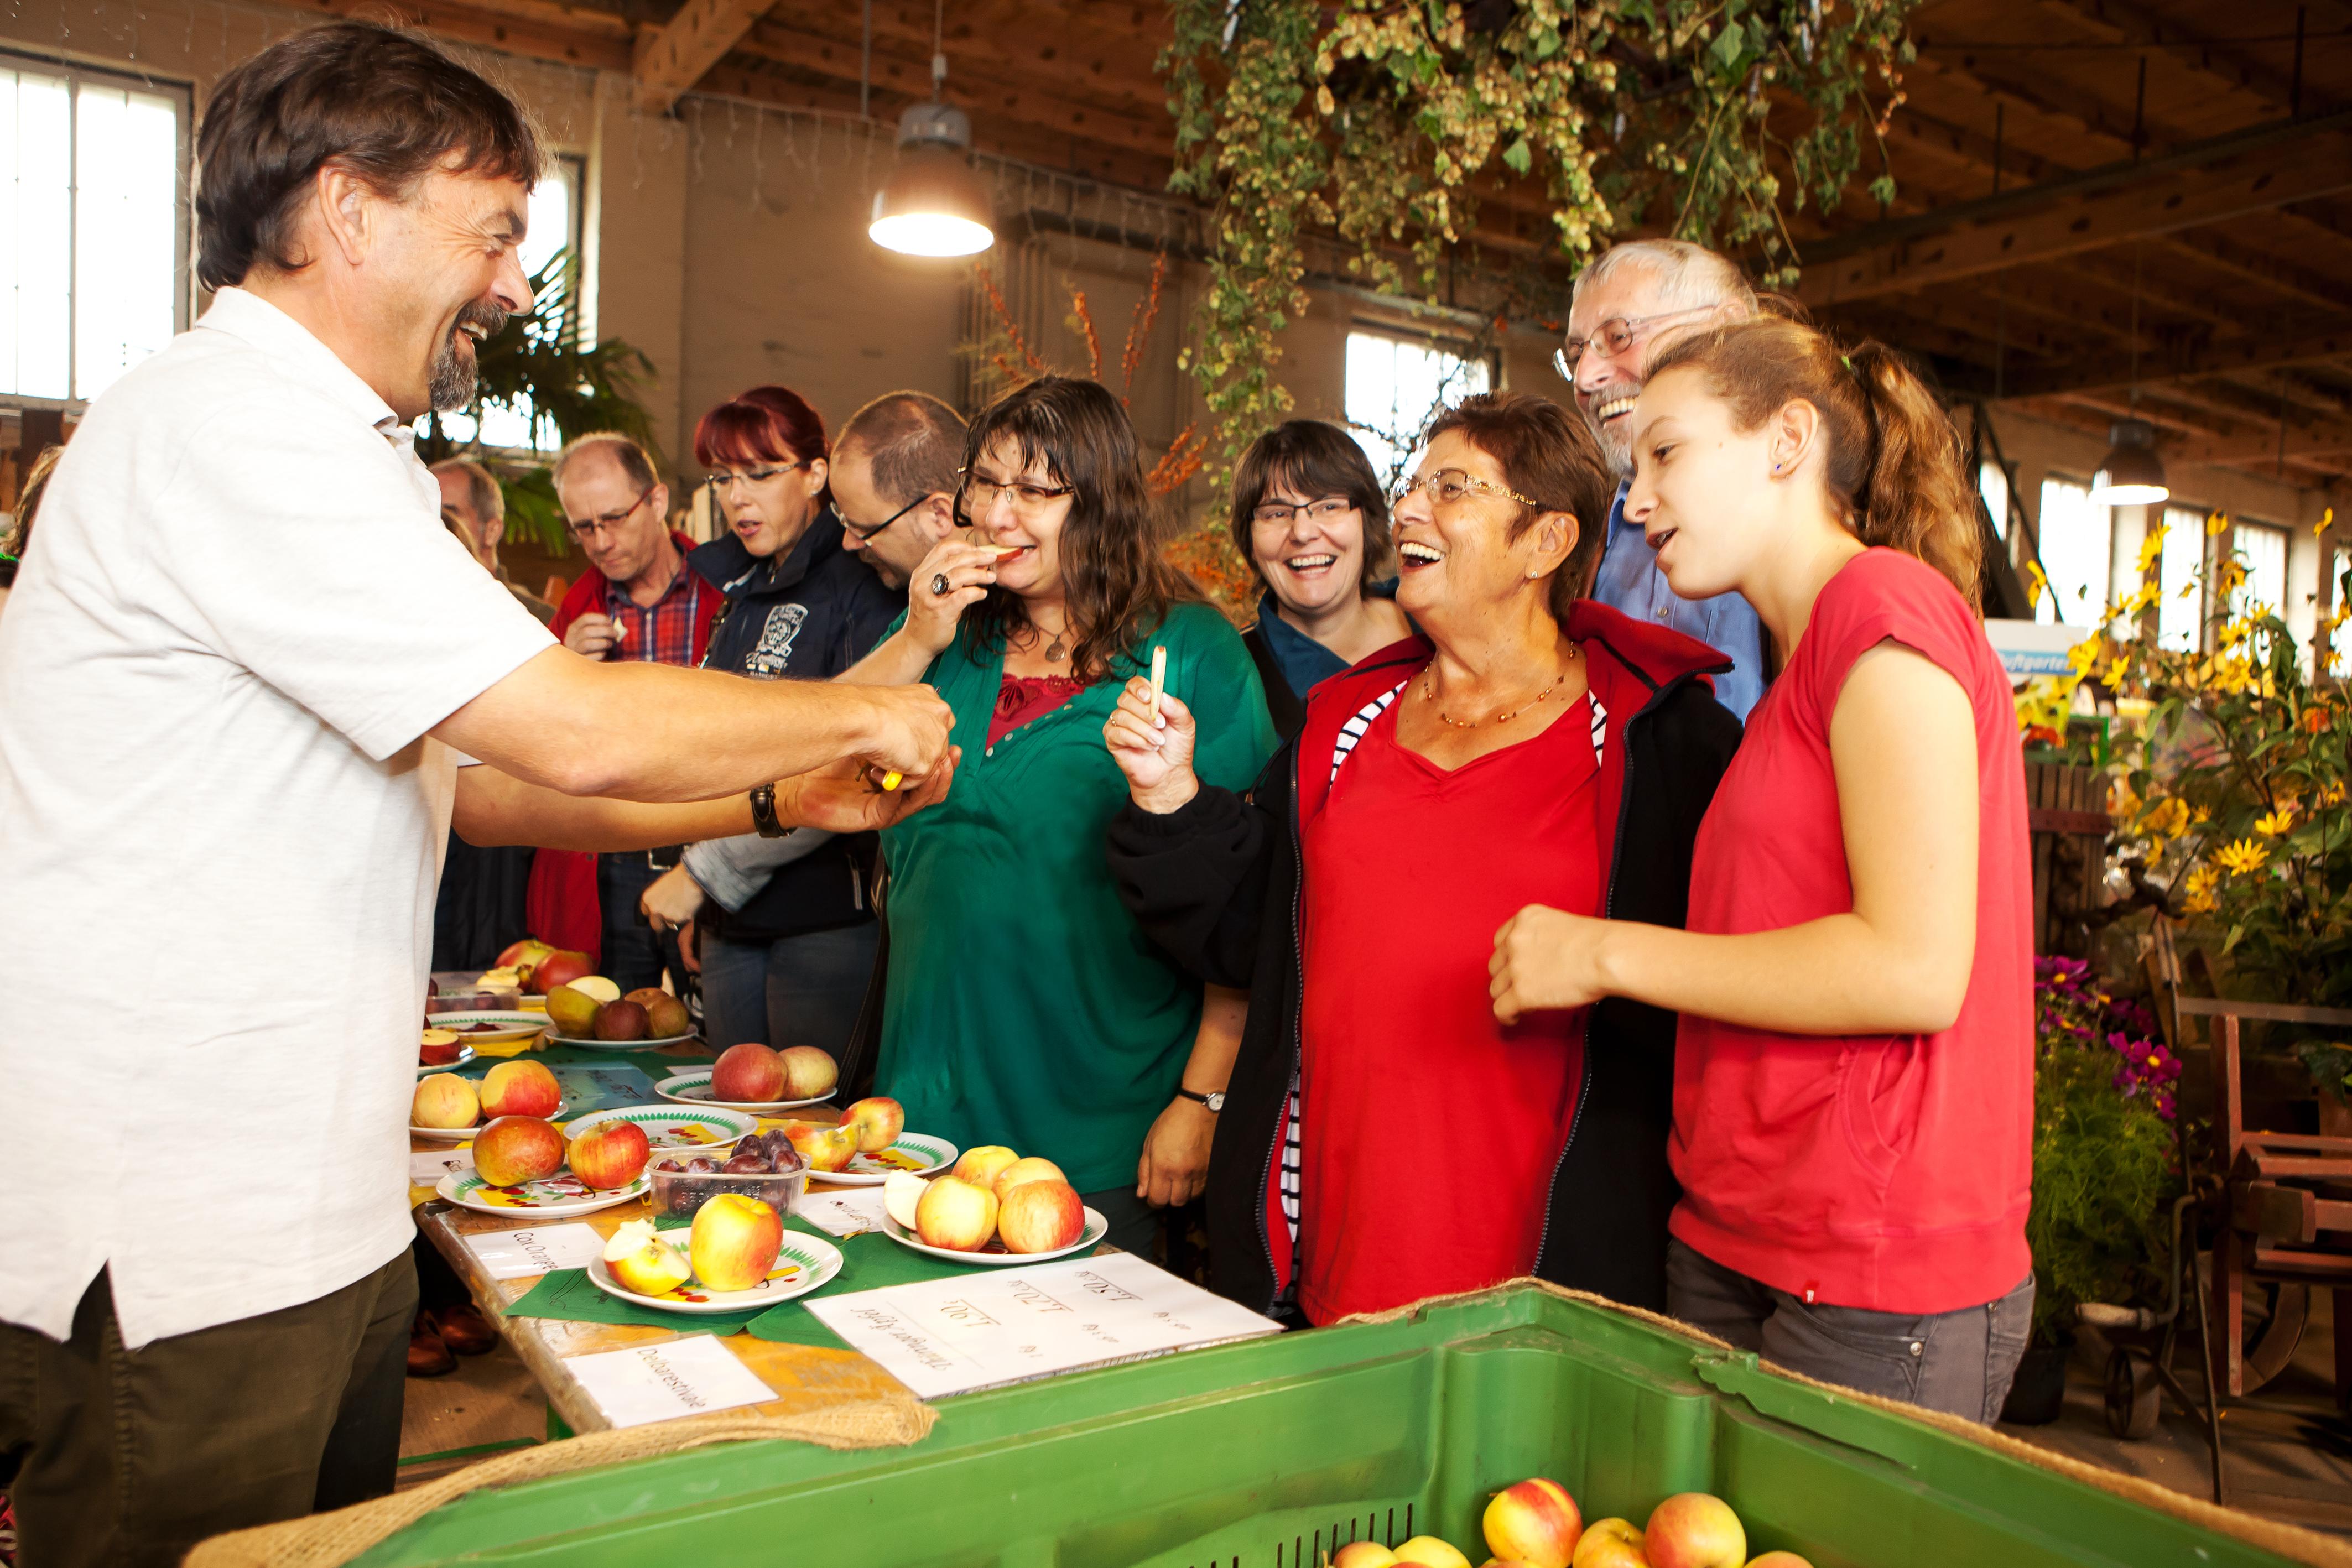 Traditionsfest in den Späth'schen Baumschulen, Pressefoto: Apfelverkostung, 7,97 MB